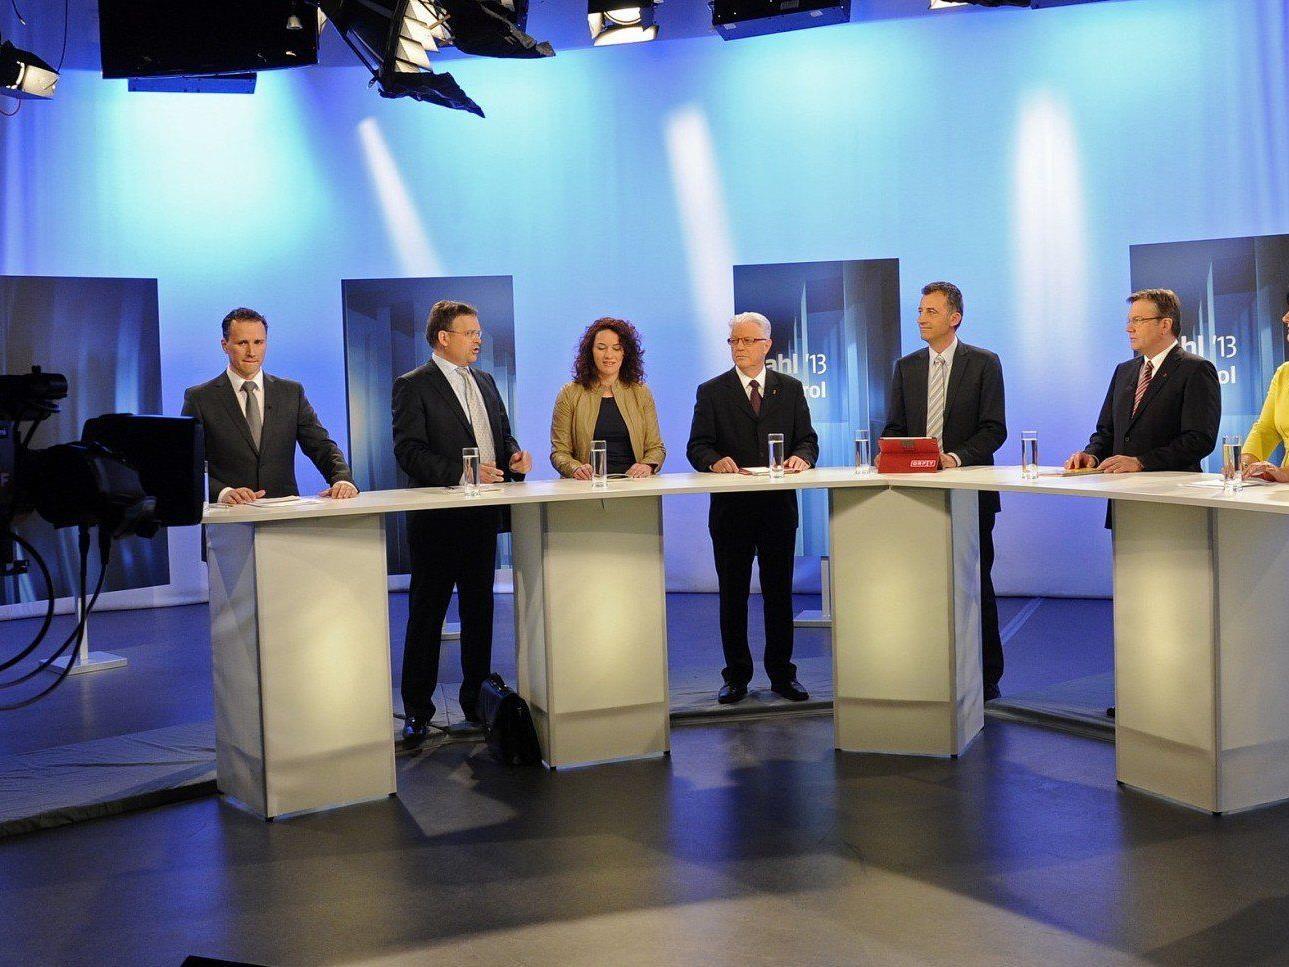 Die Tiroler Spitzenkandidaten bei einer TV-Debatte.